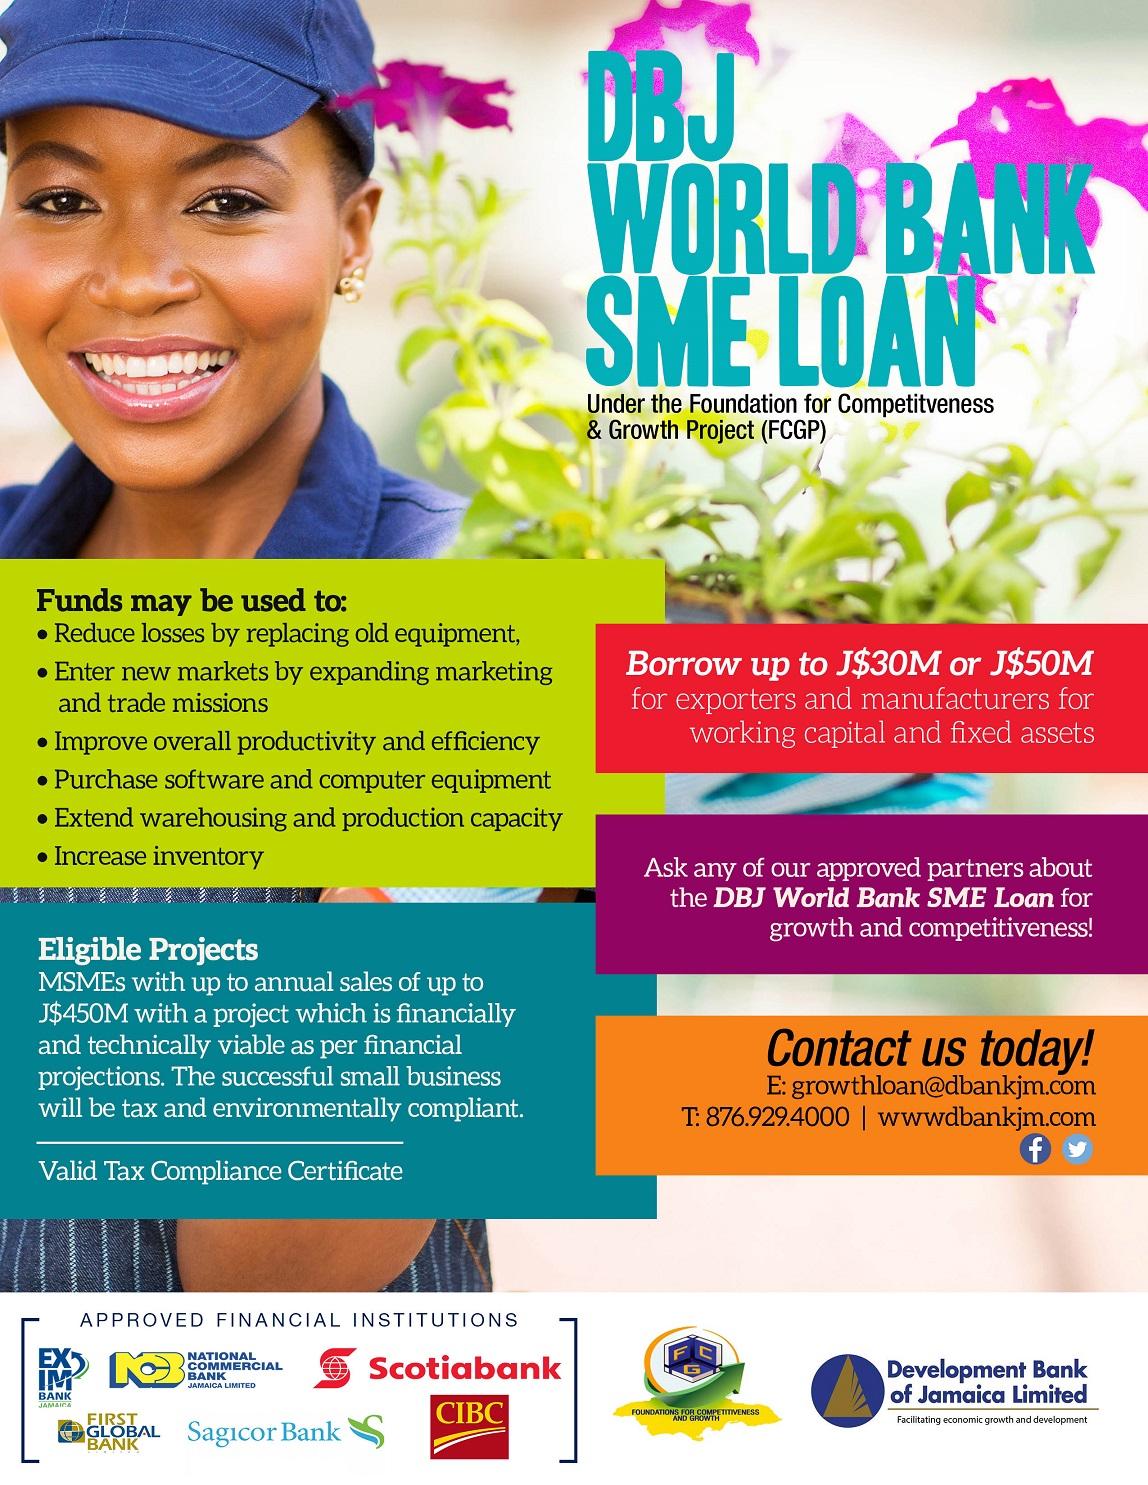 DBJ World Bank SME Loan